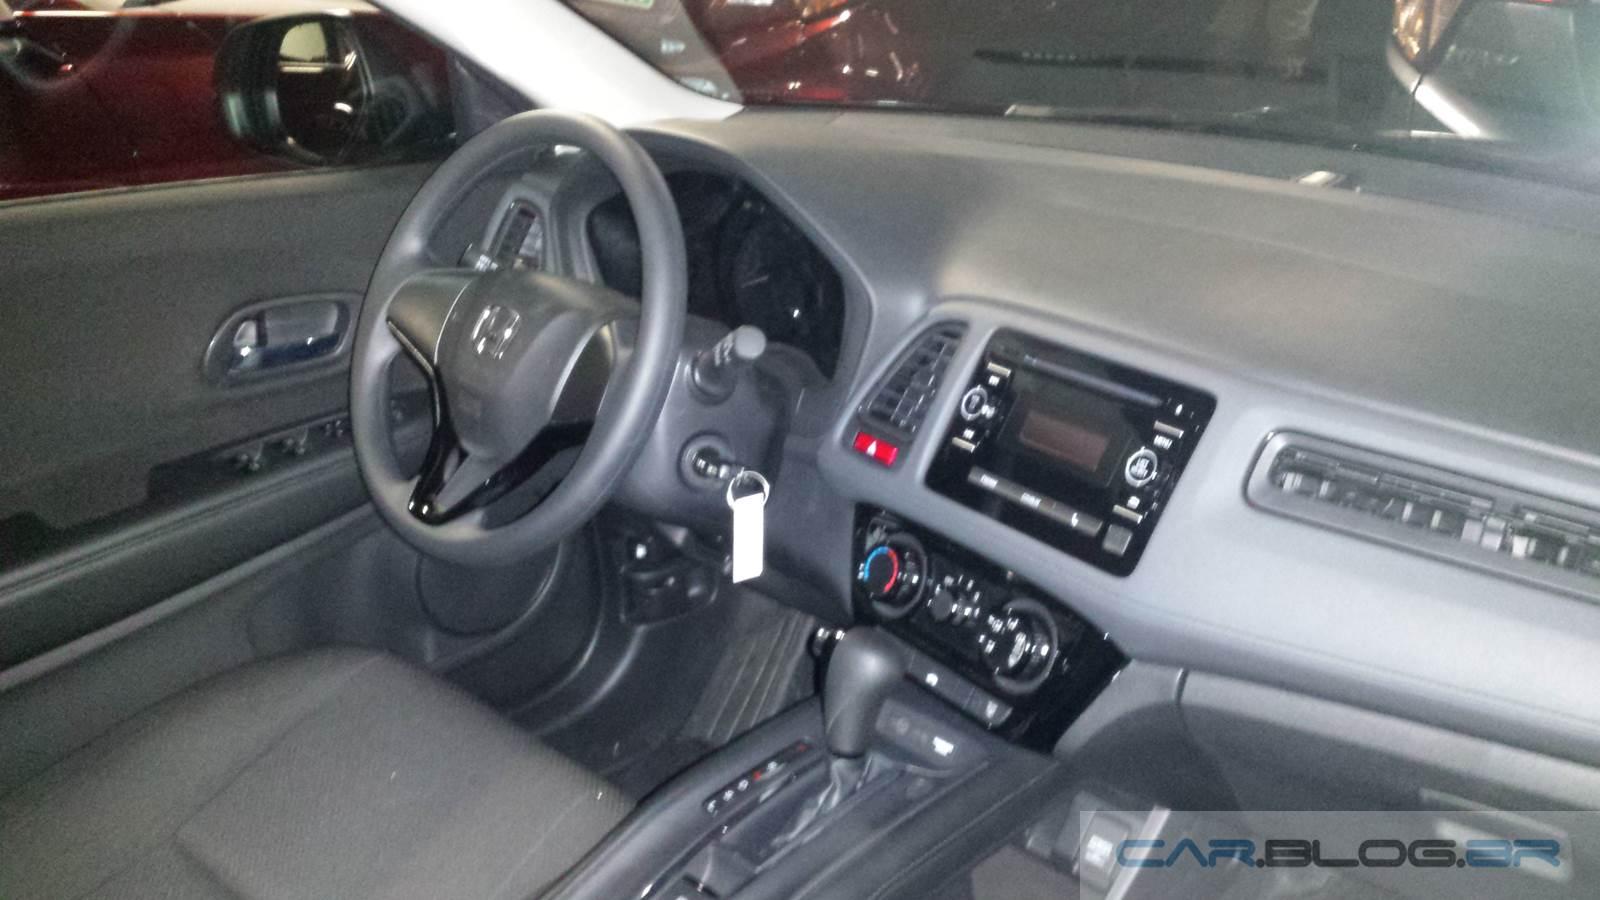 Honda hr v lx autom tico pre o r reais v deo for Honda hr v interieur